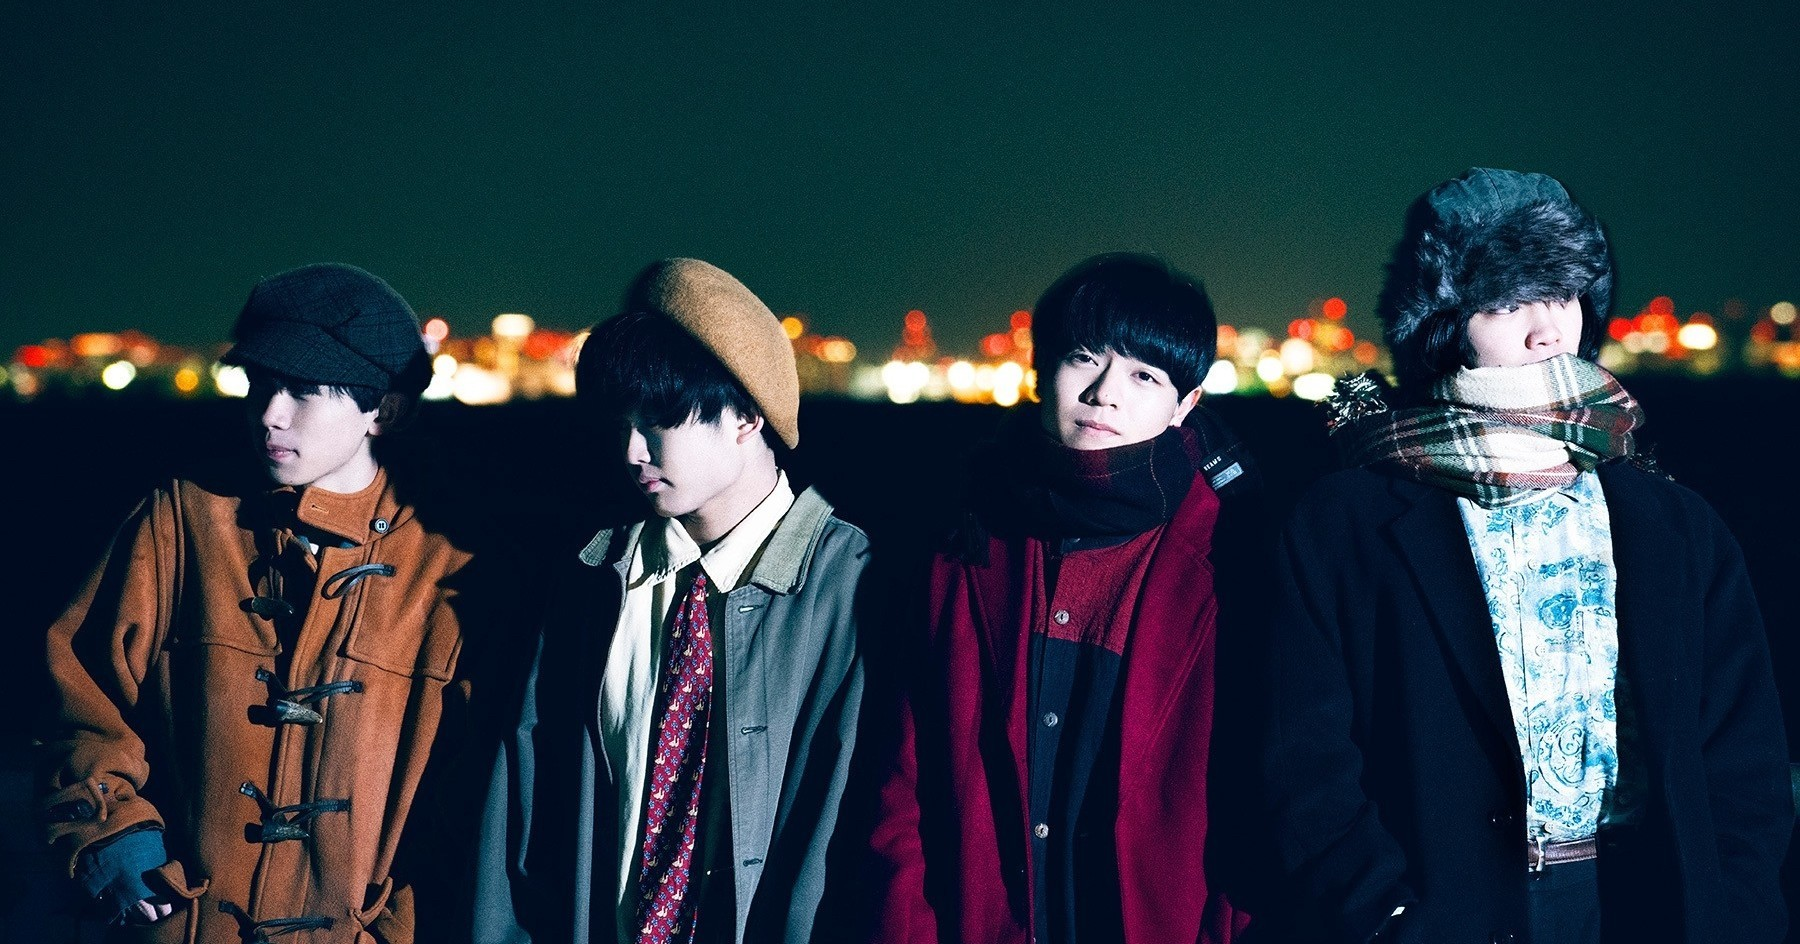 潜在能力は抜群、ネクストブレイク間違いなし!18歳ロックバンド・「クジラ夜の街」とは一体?